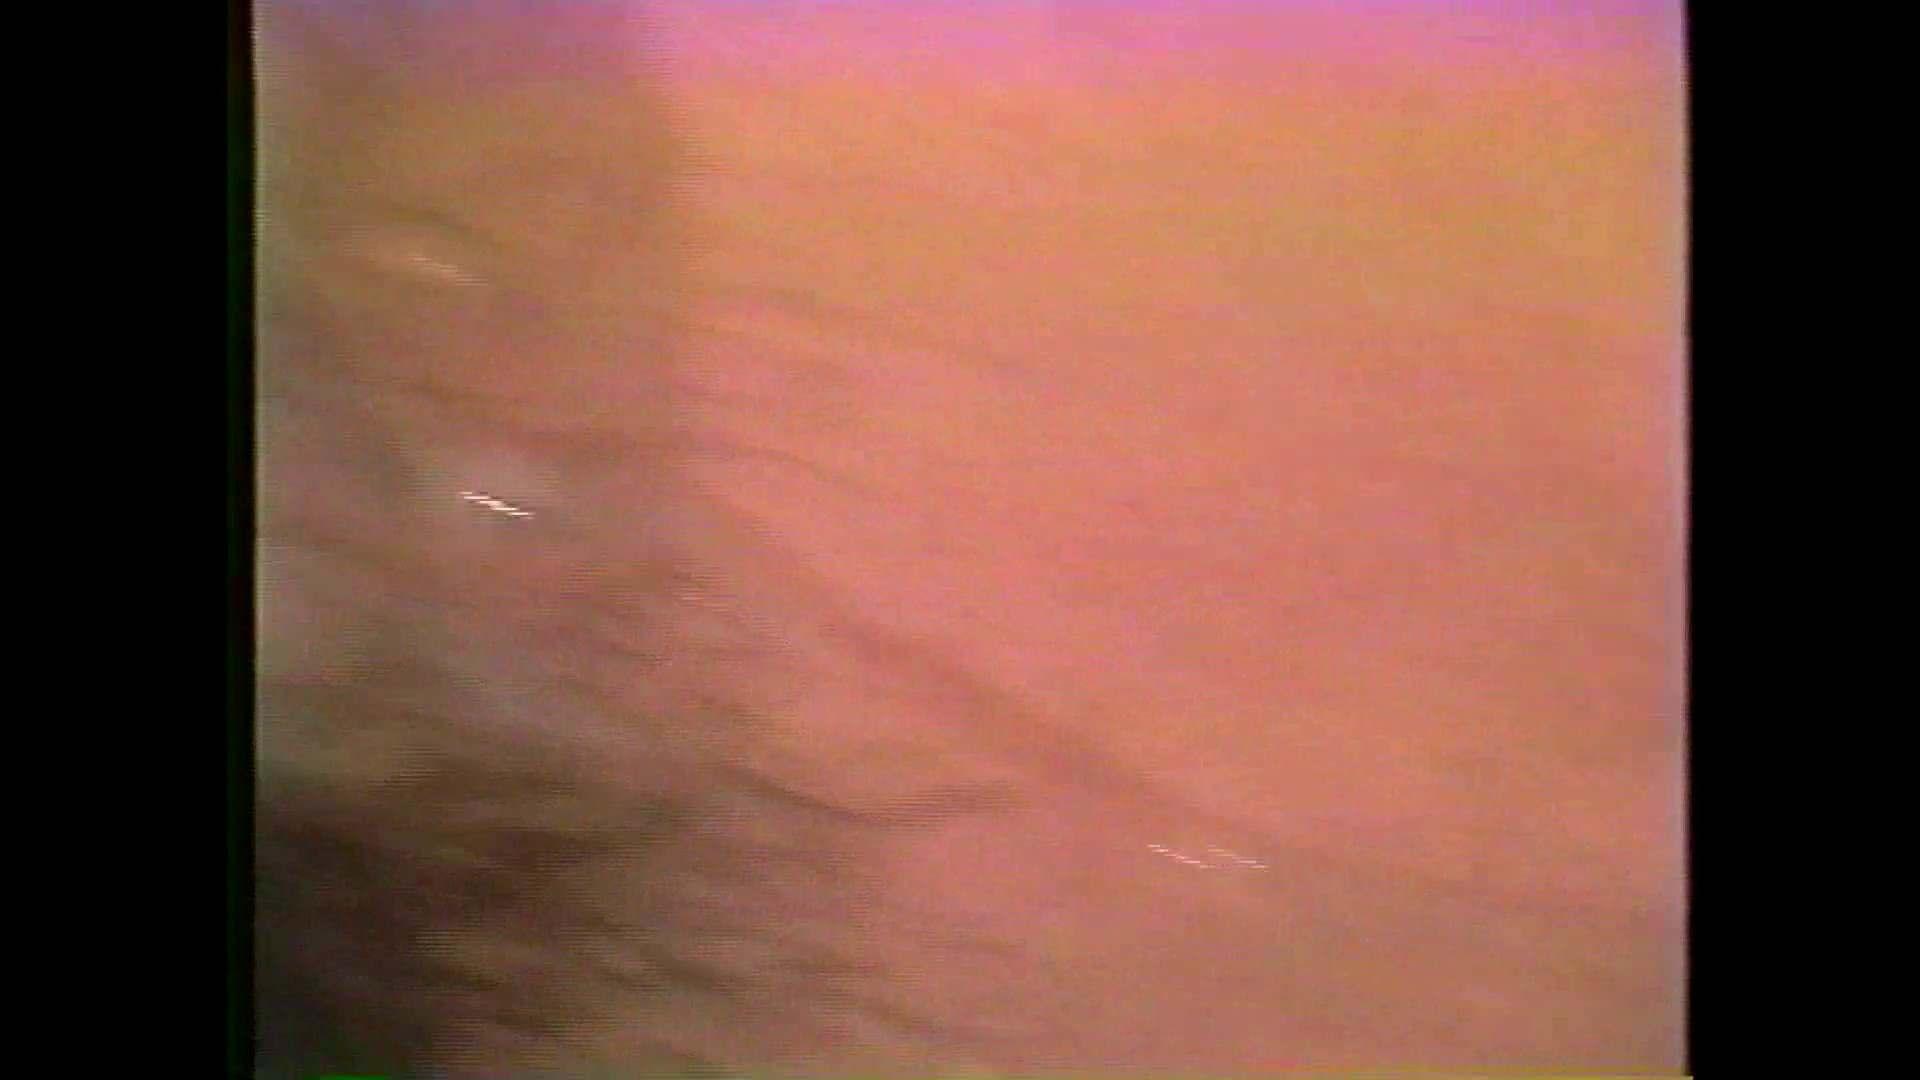 GAYBOY宏のオカズ倉庫Vol.2-2 完全無修正 ゲイ無修正動画画像 81枚 63